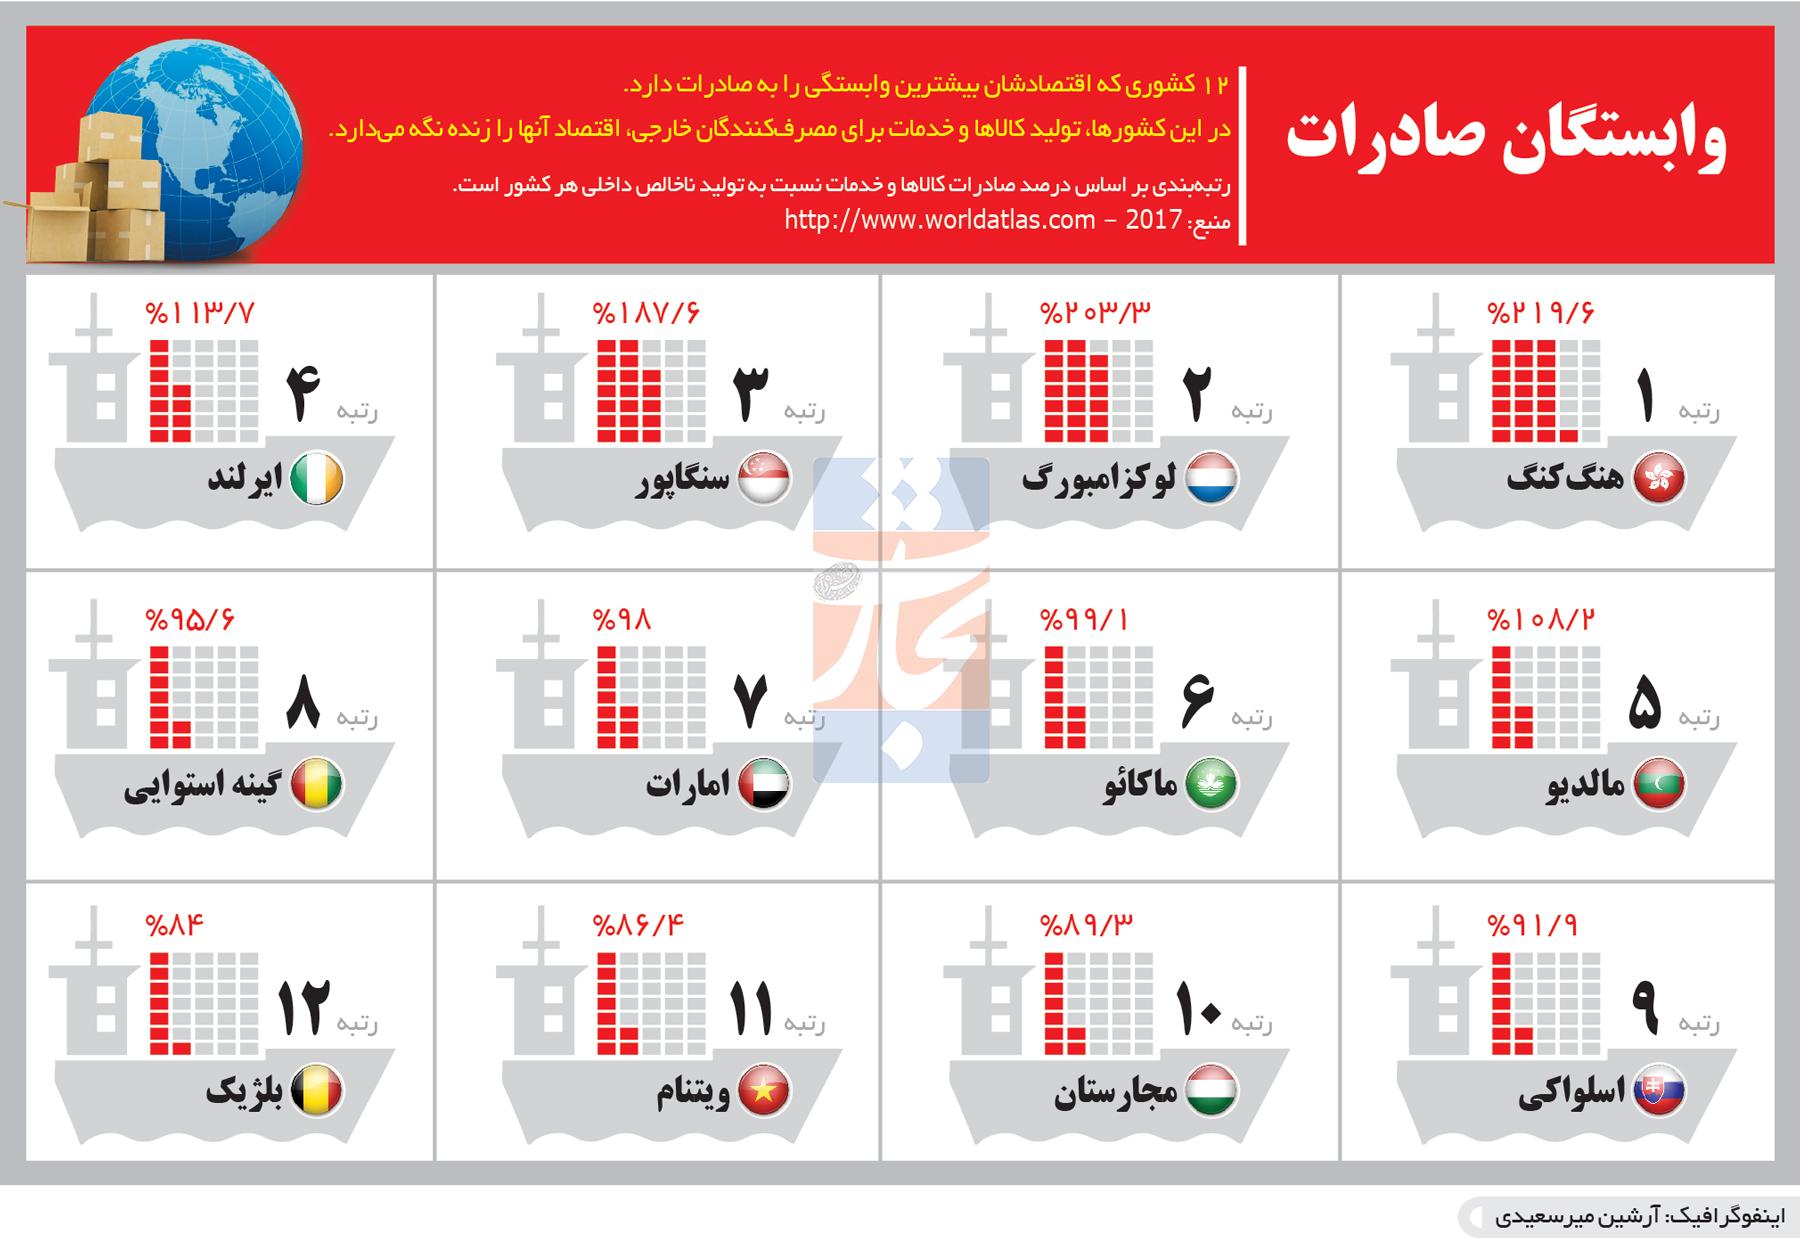 تجارت- فردا- 12 کشوری که اقتصادشان بیشترین وابستگی را به صادرات دارد